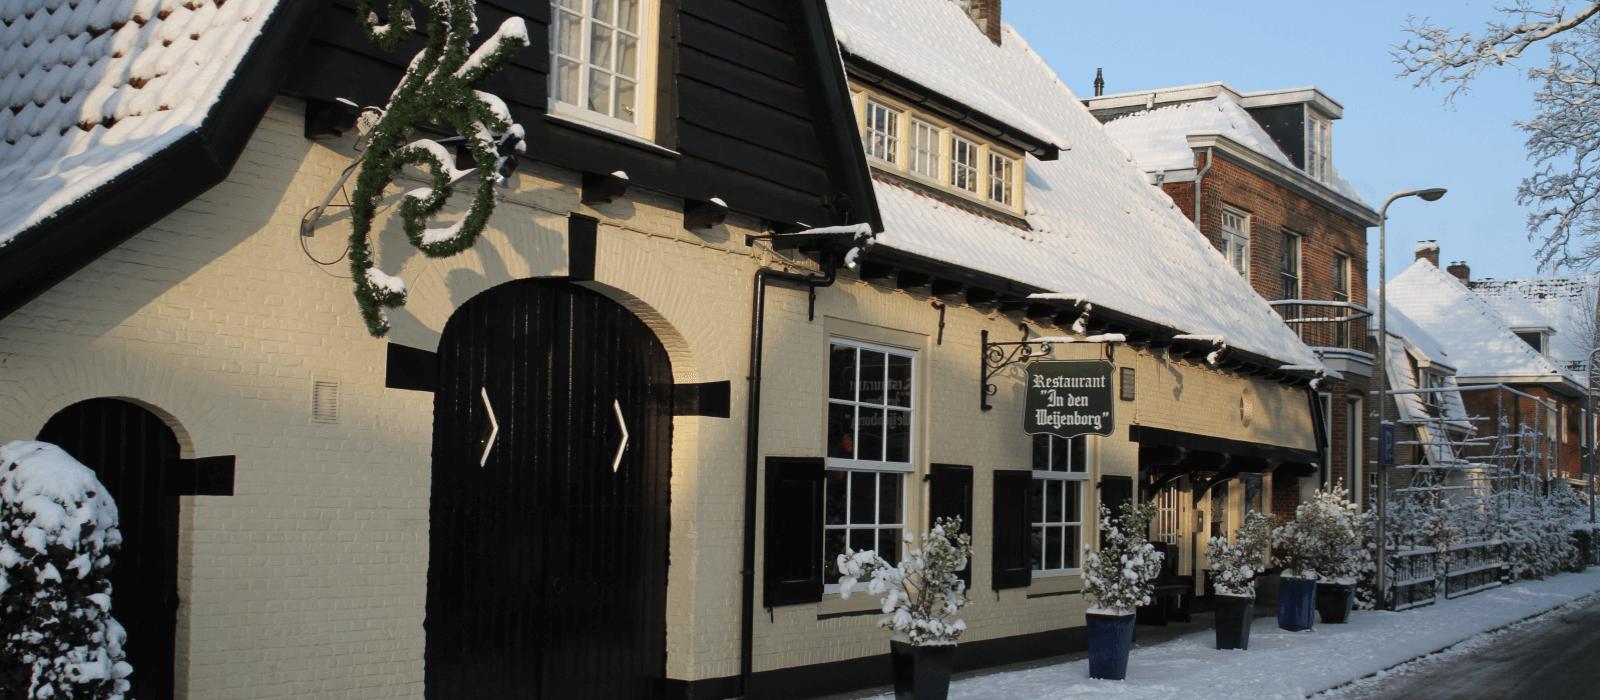 weijenborg-kerstmis-restaurant